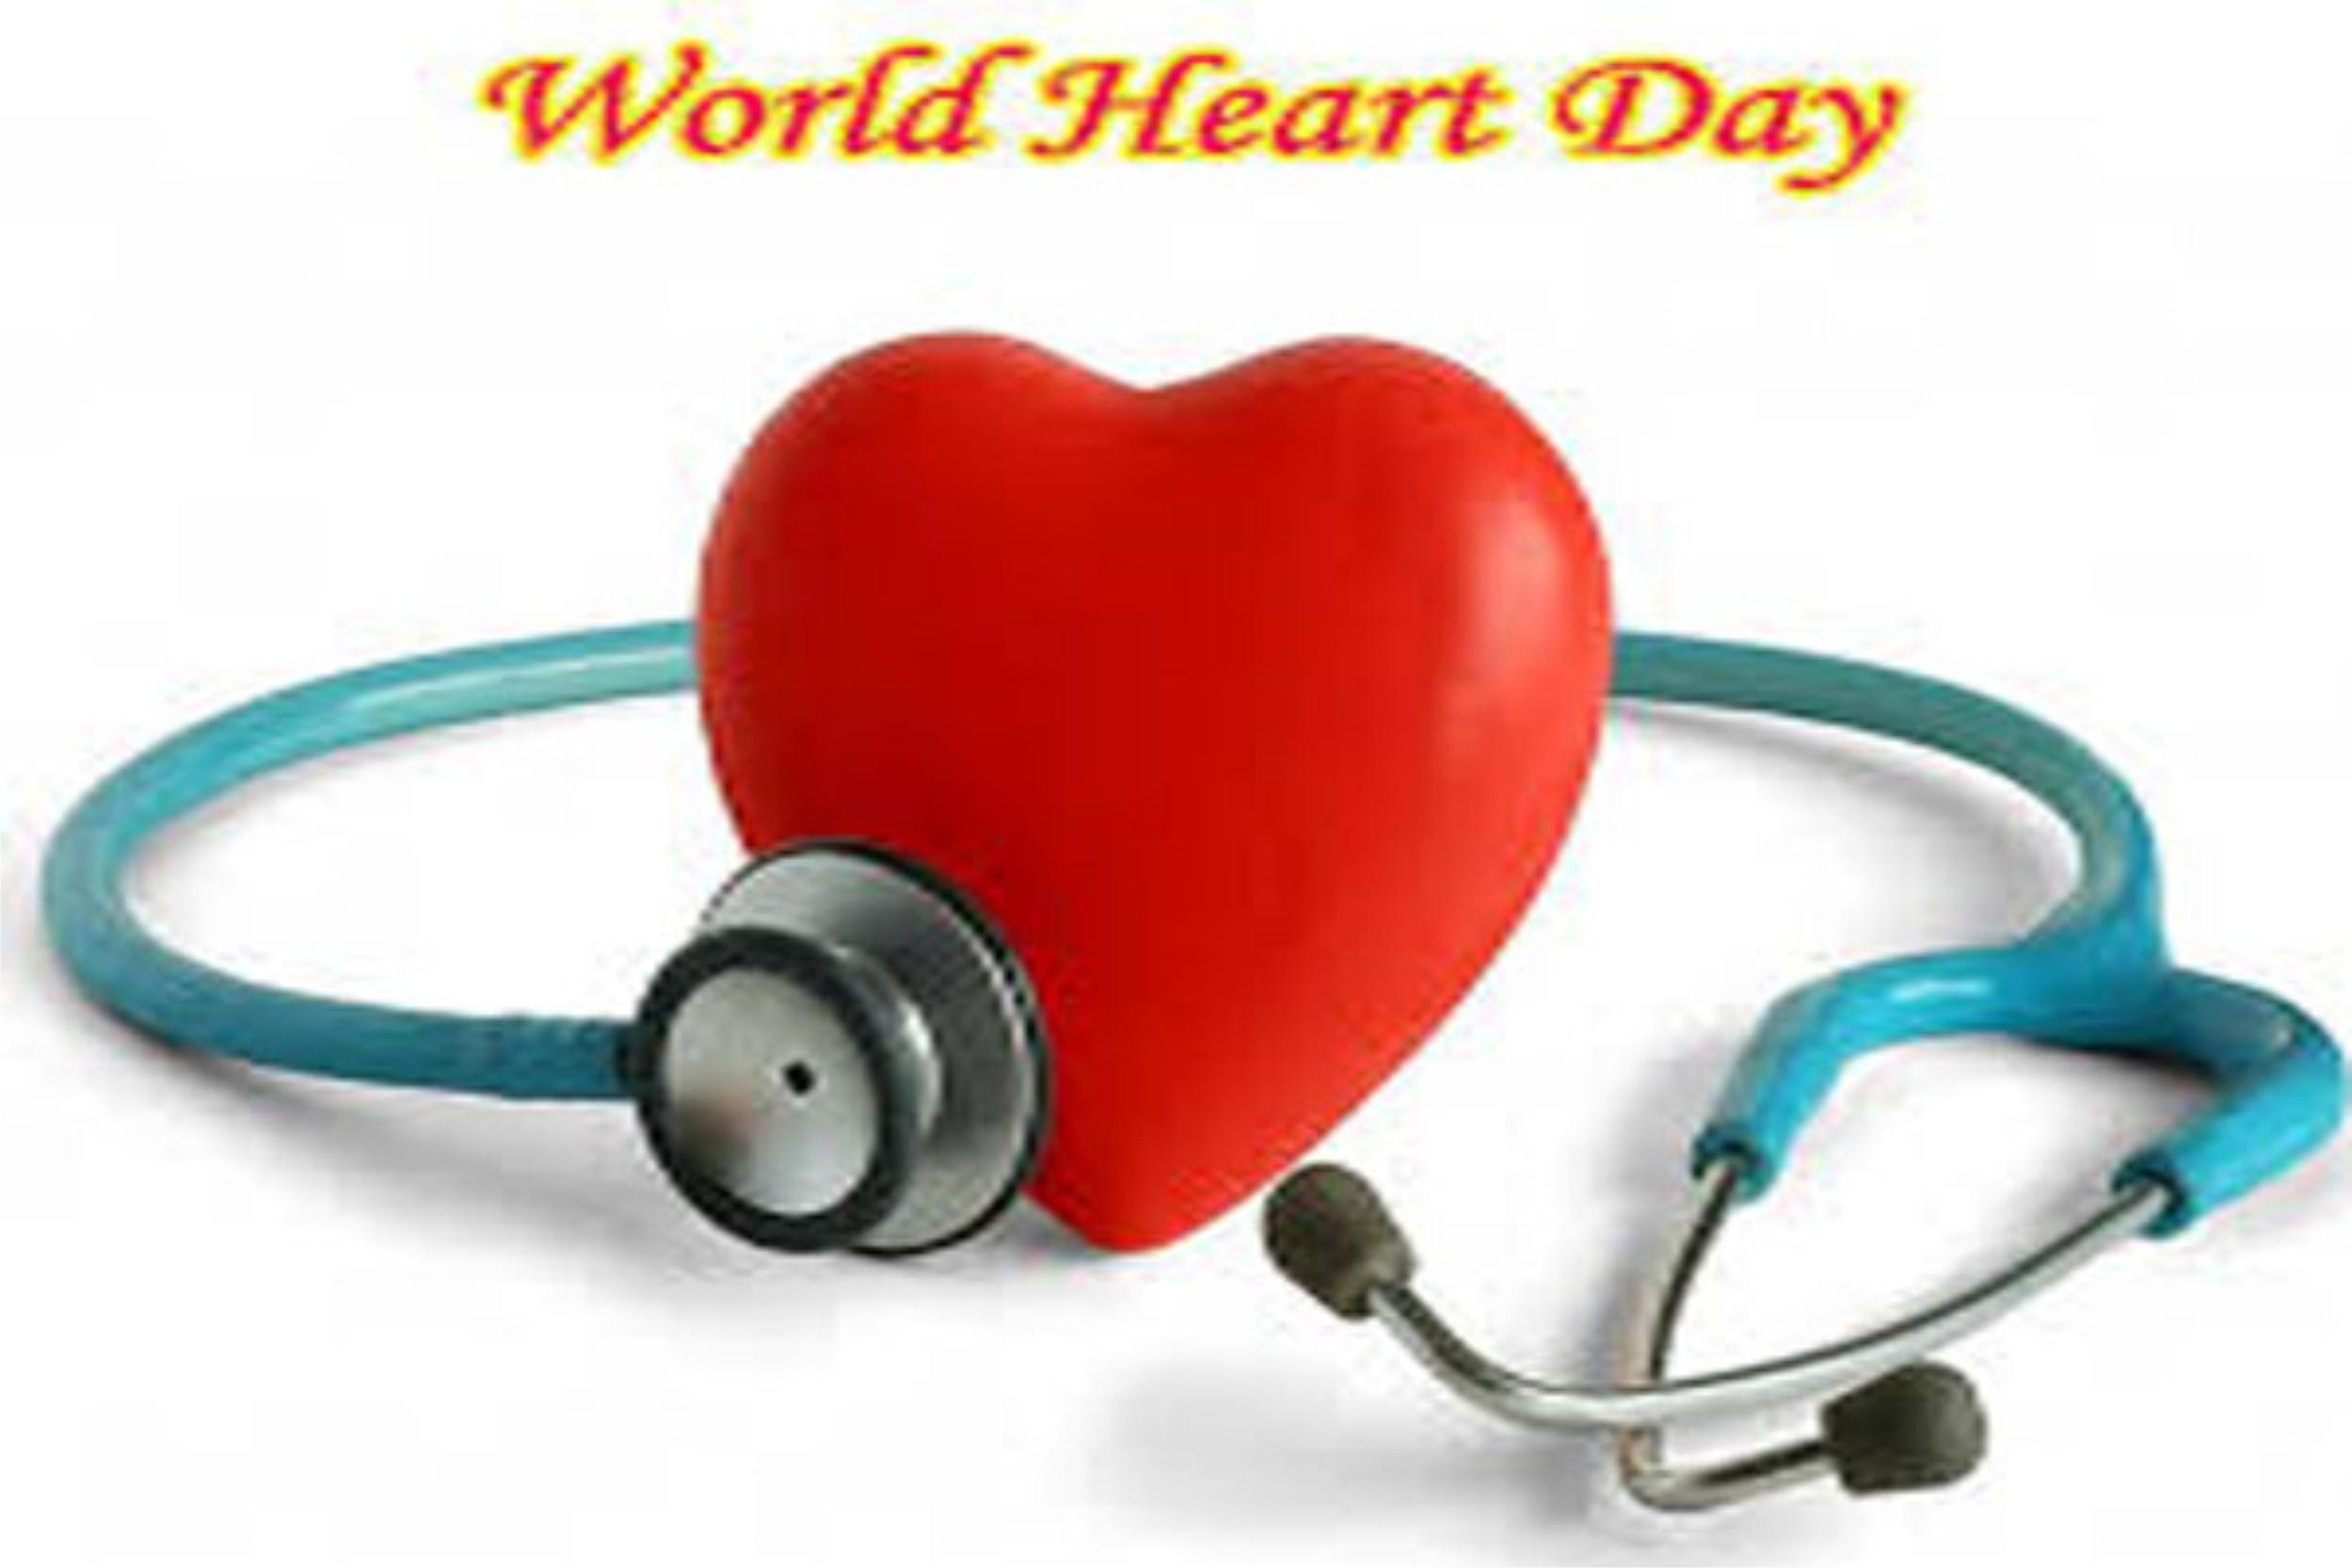 विश्व हृदय दिवस आज - समय पर व्यायाम और पौष्टिक खानपान जरूरी